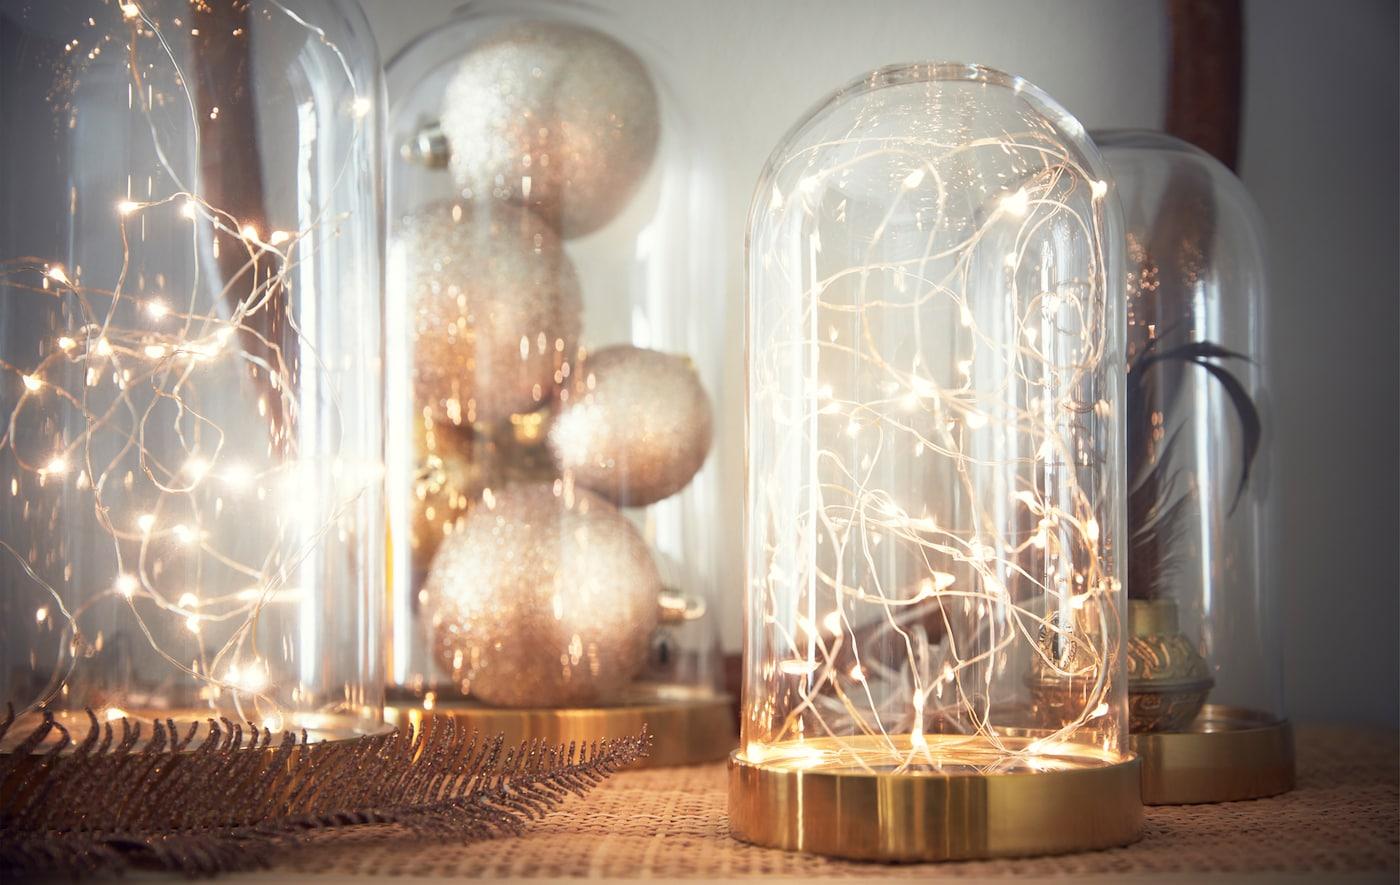 Arrangiere ein dezentes Lichterspiel unter einer Glasglocke.